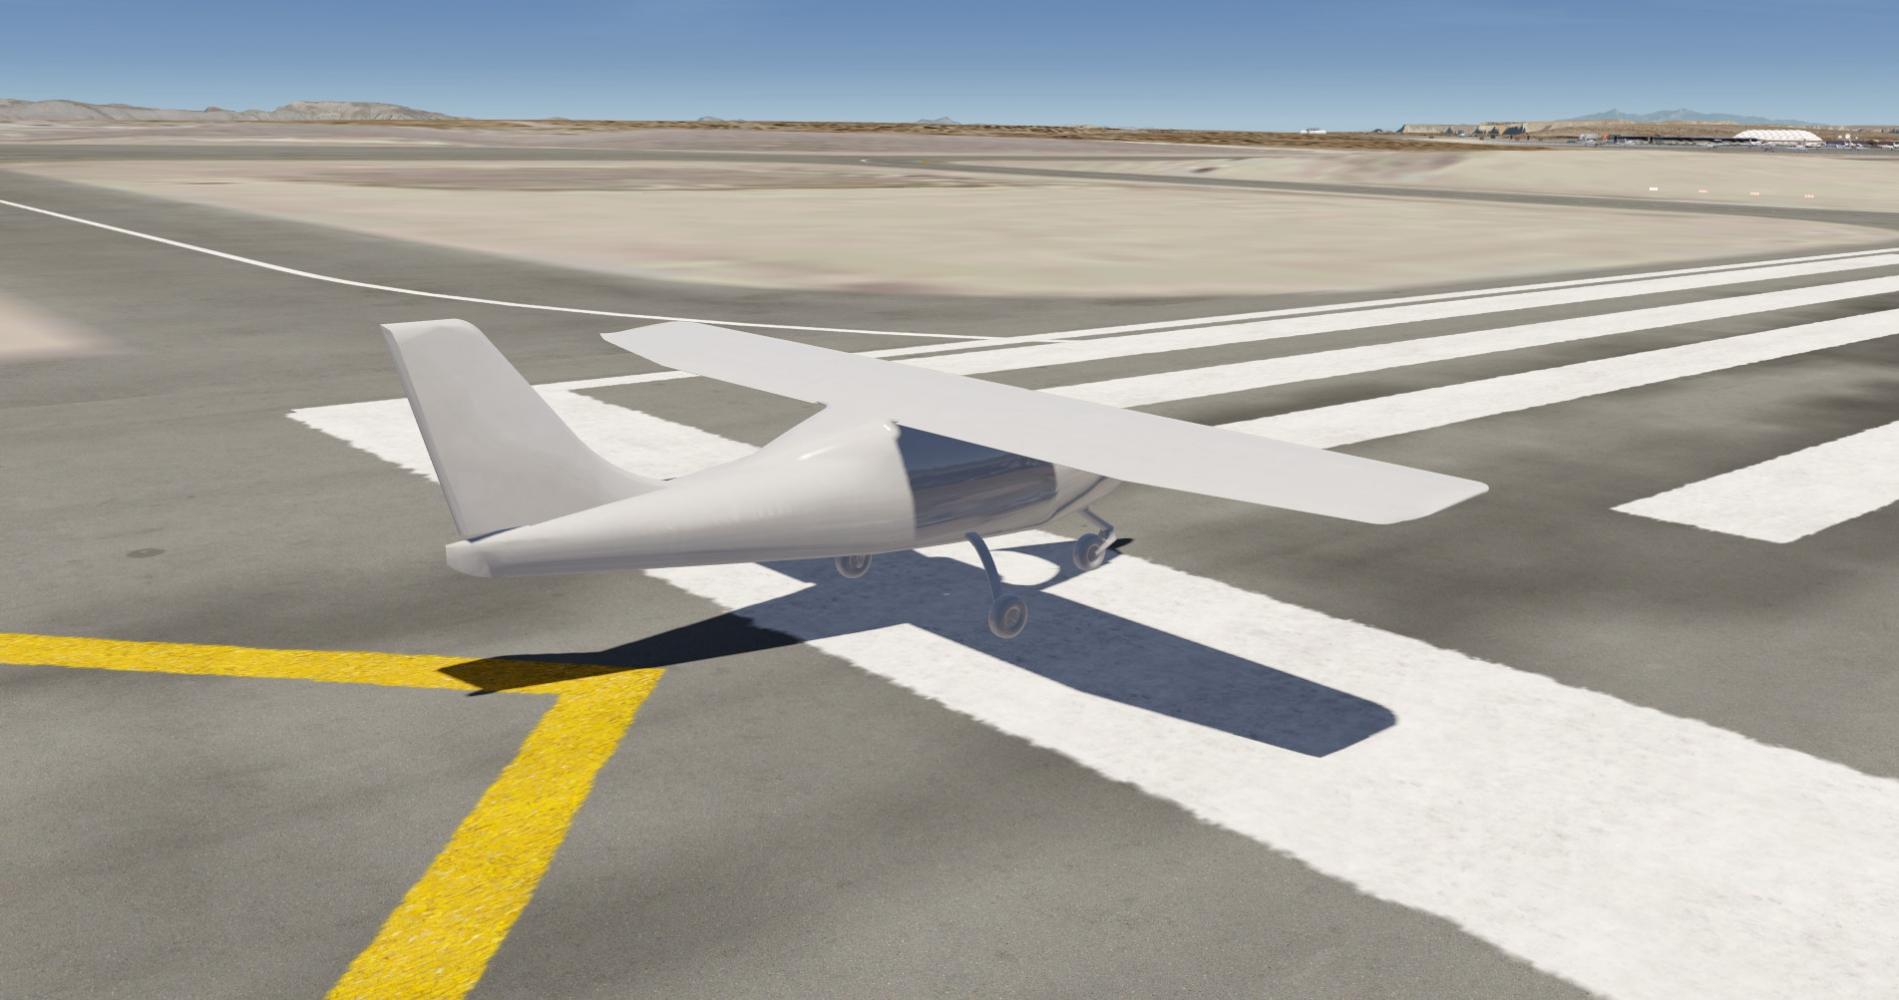 17905-aircraft2-jpg